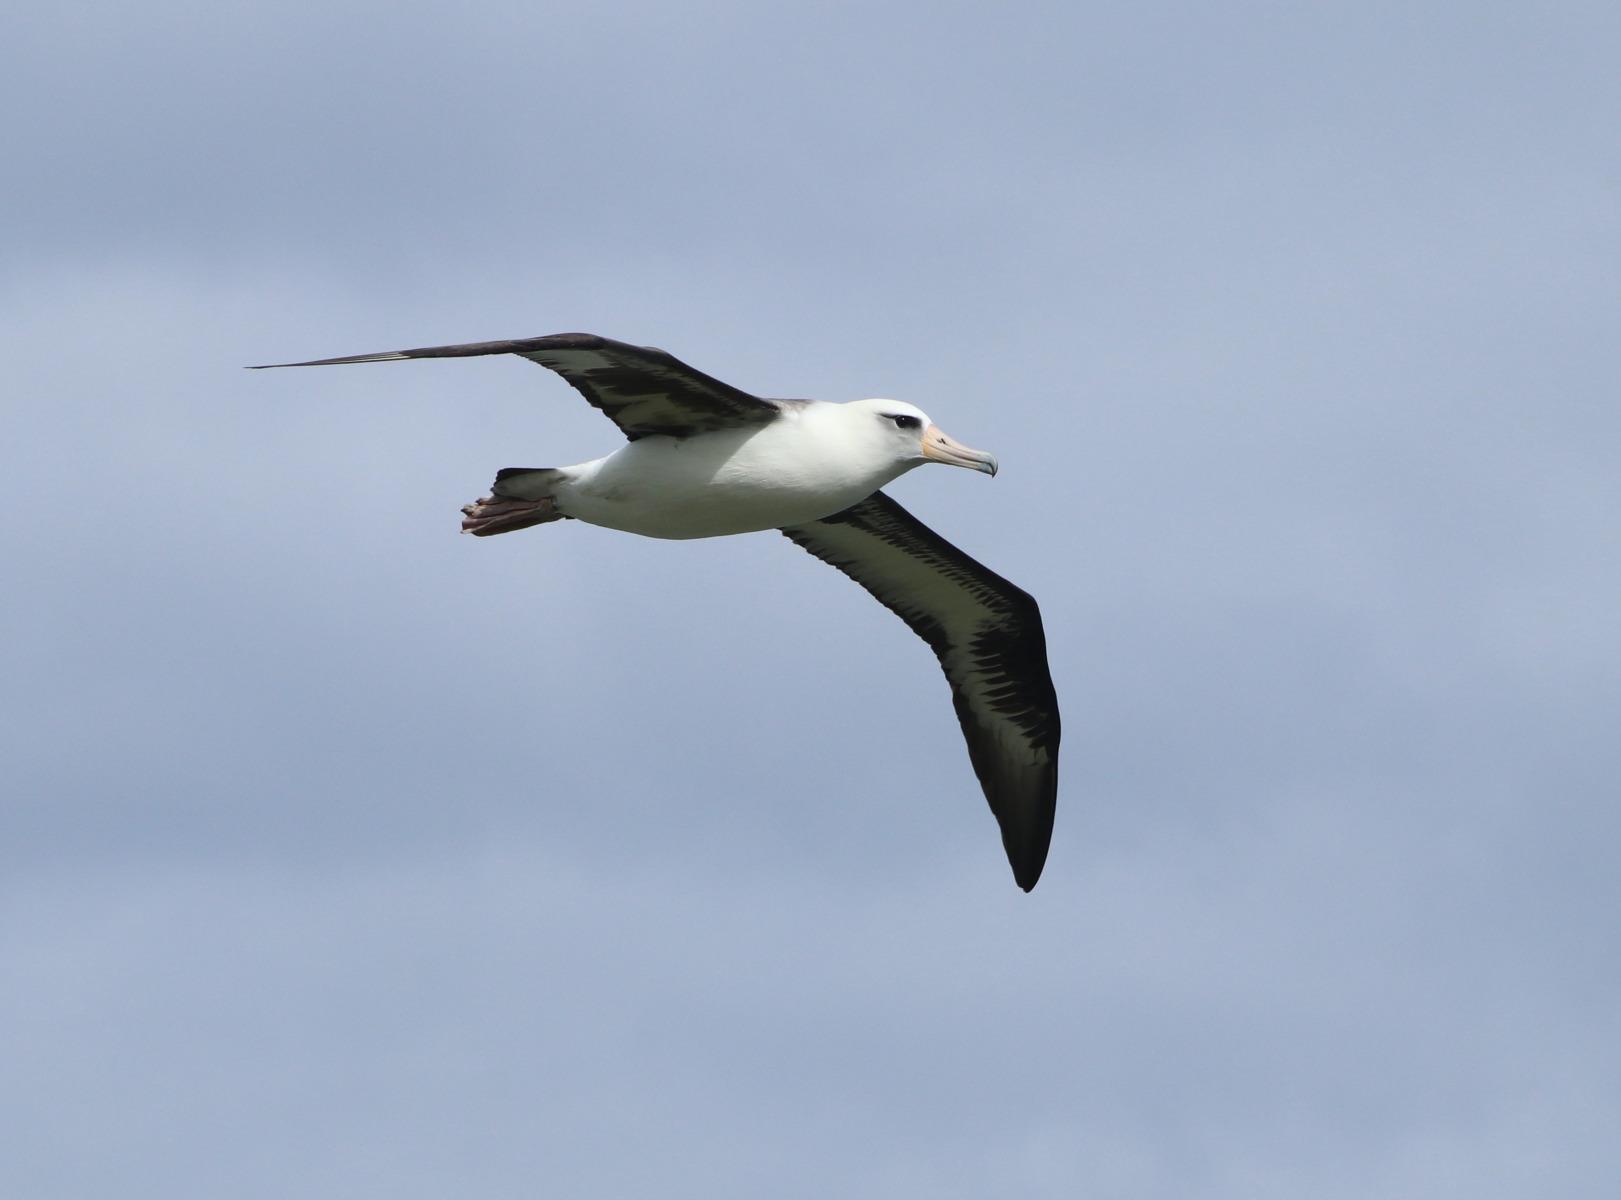 Laysan Albatross by Susan Szeszol